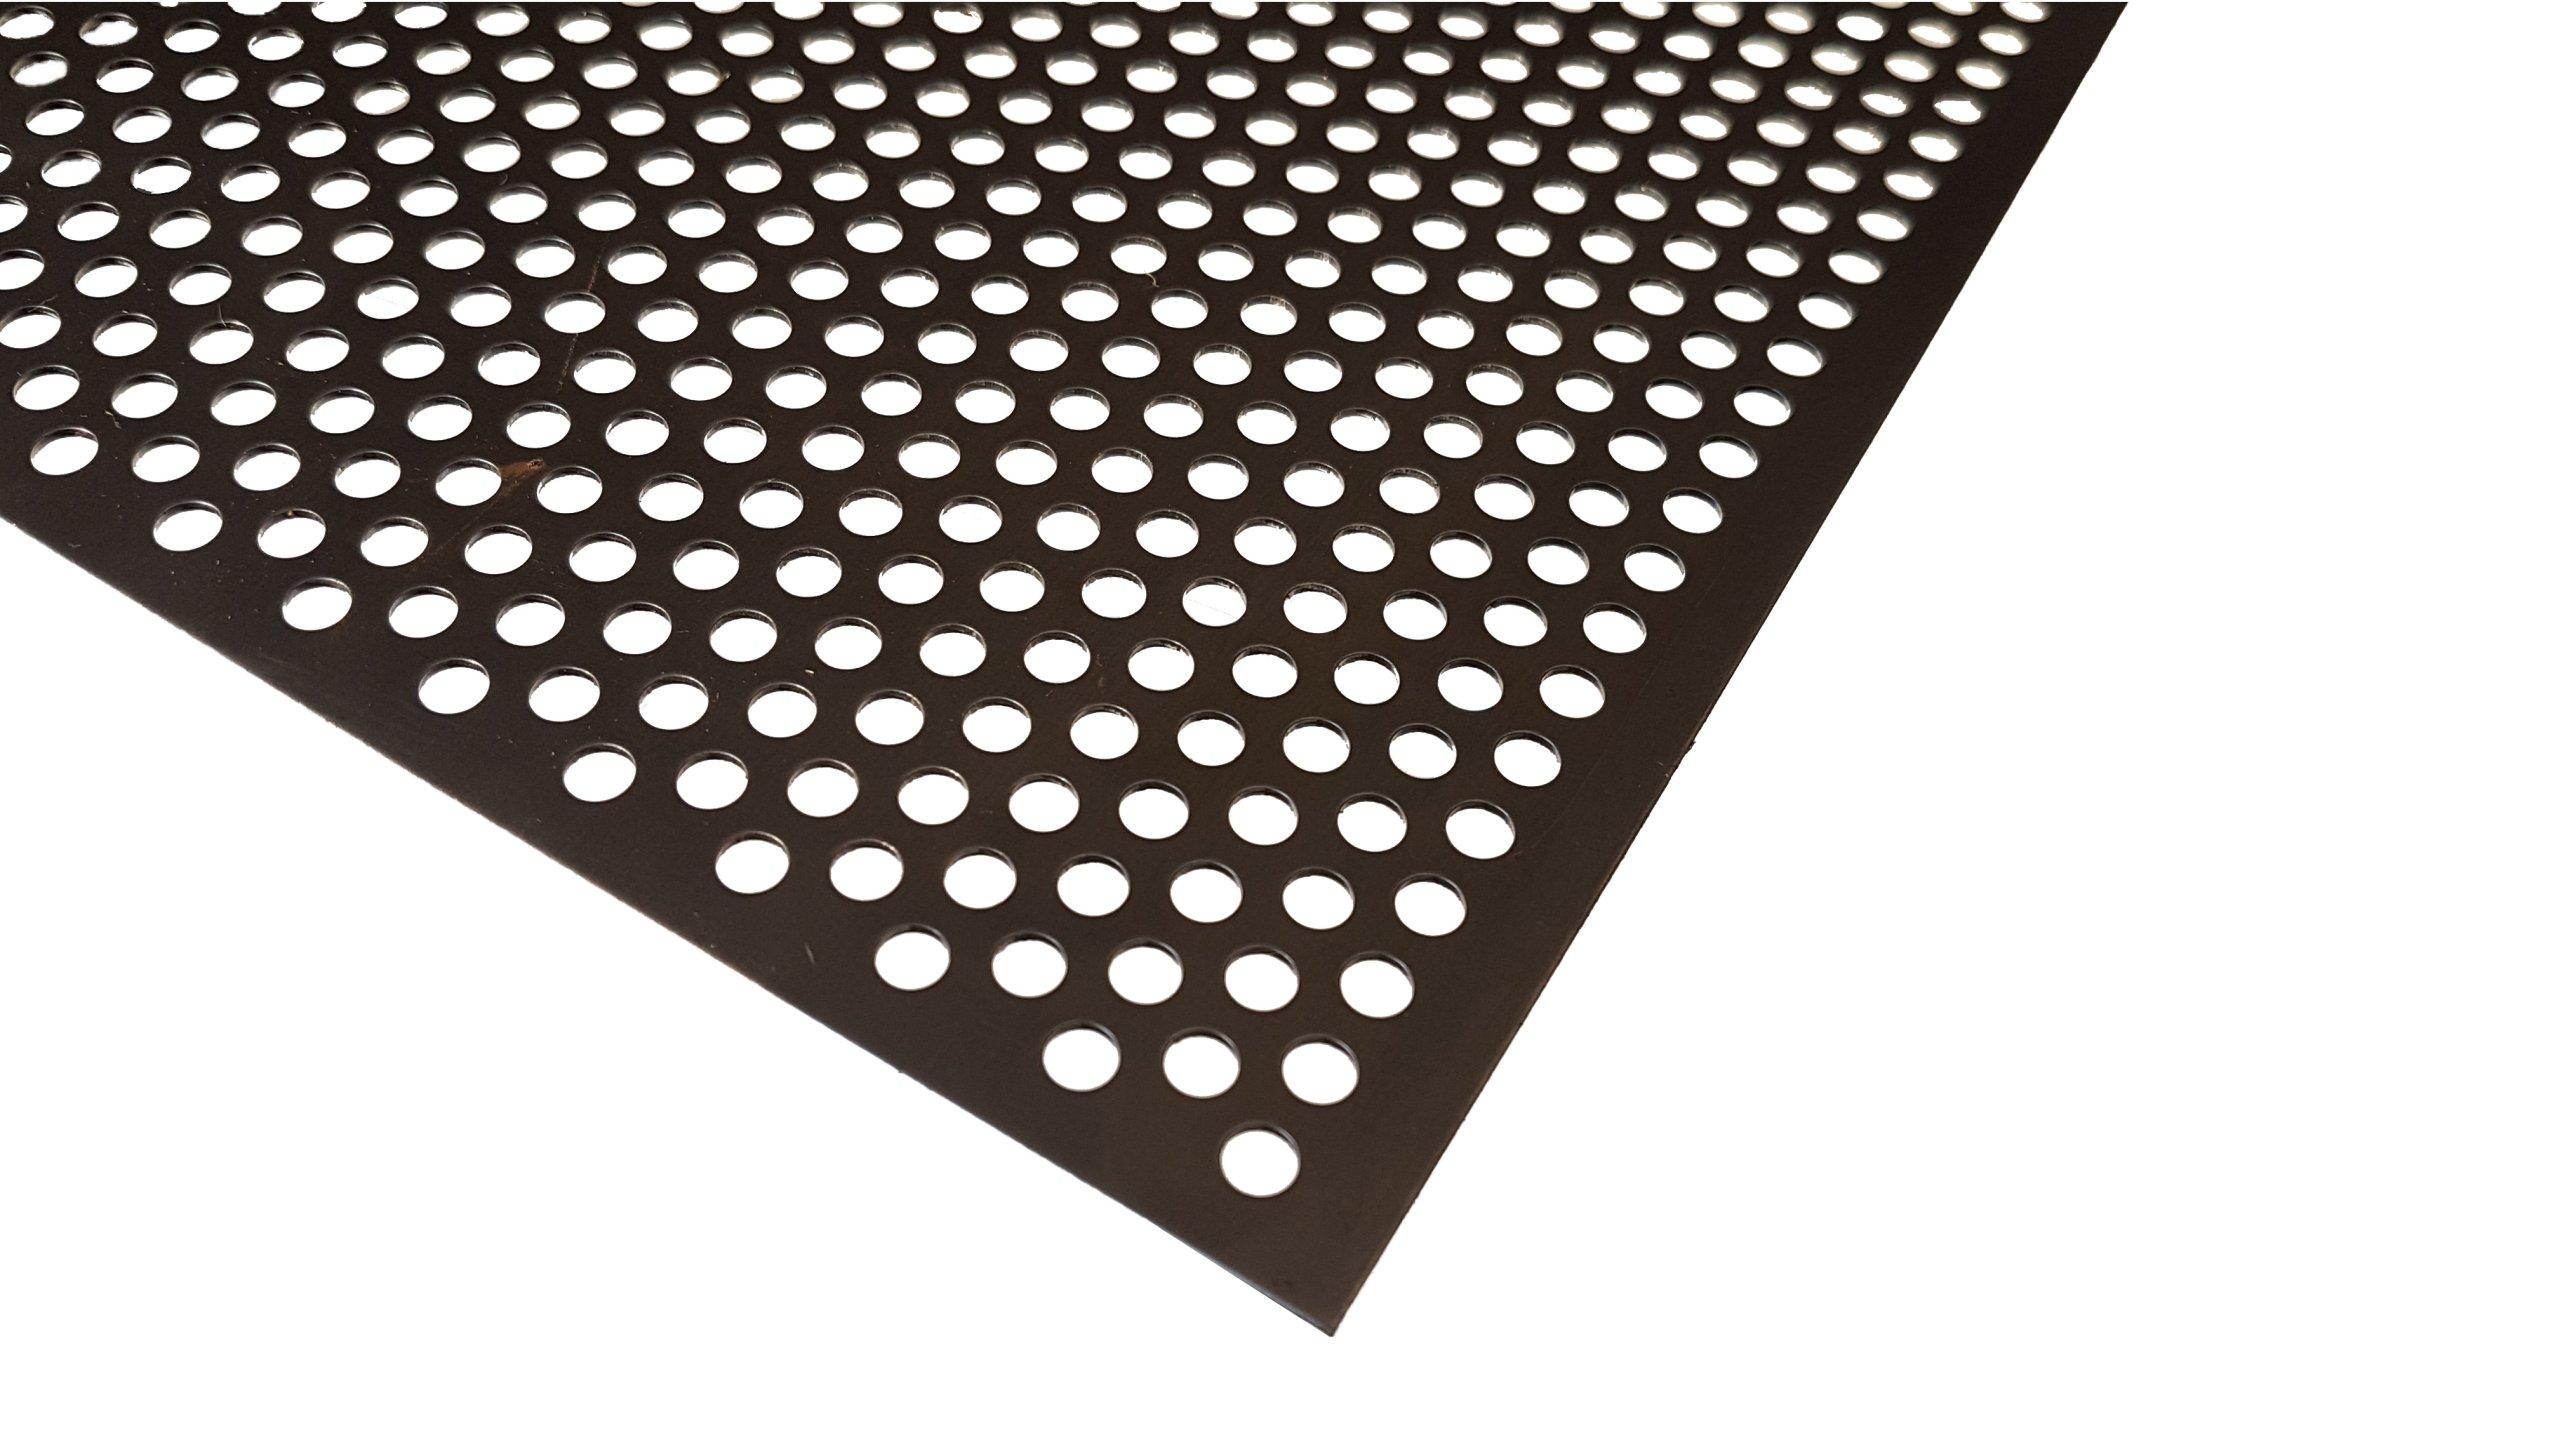 BLACHA PERFOROWANA SITO 1000 x 2000 1,5 mm 4 - 6